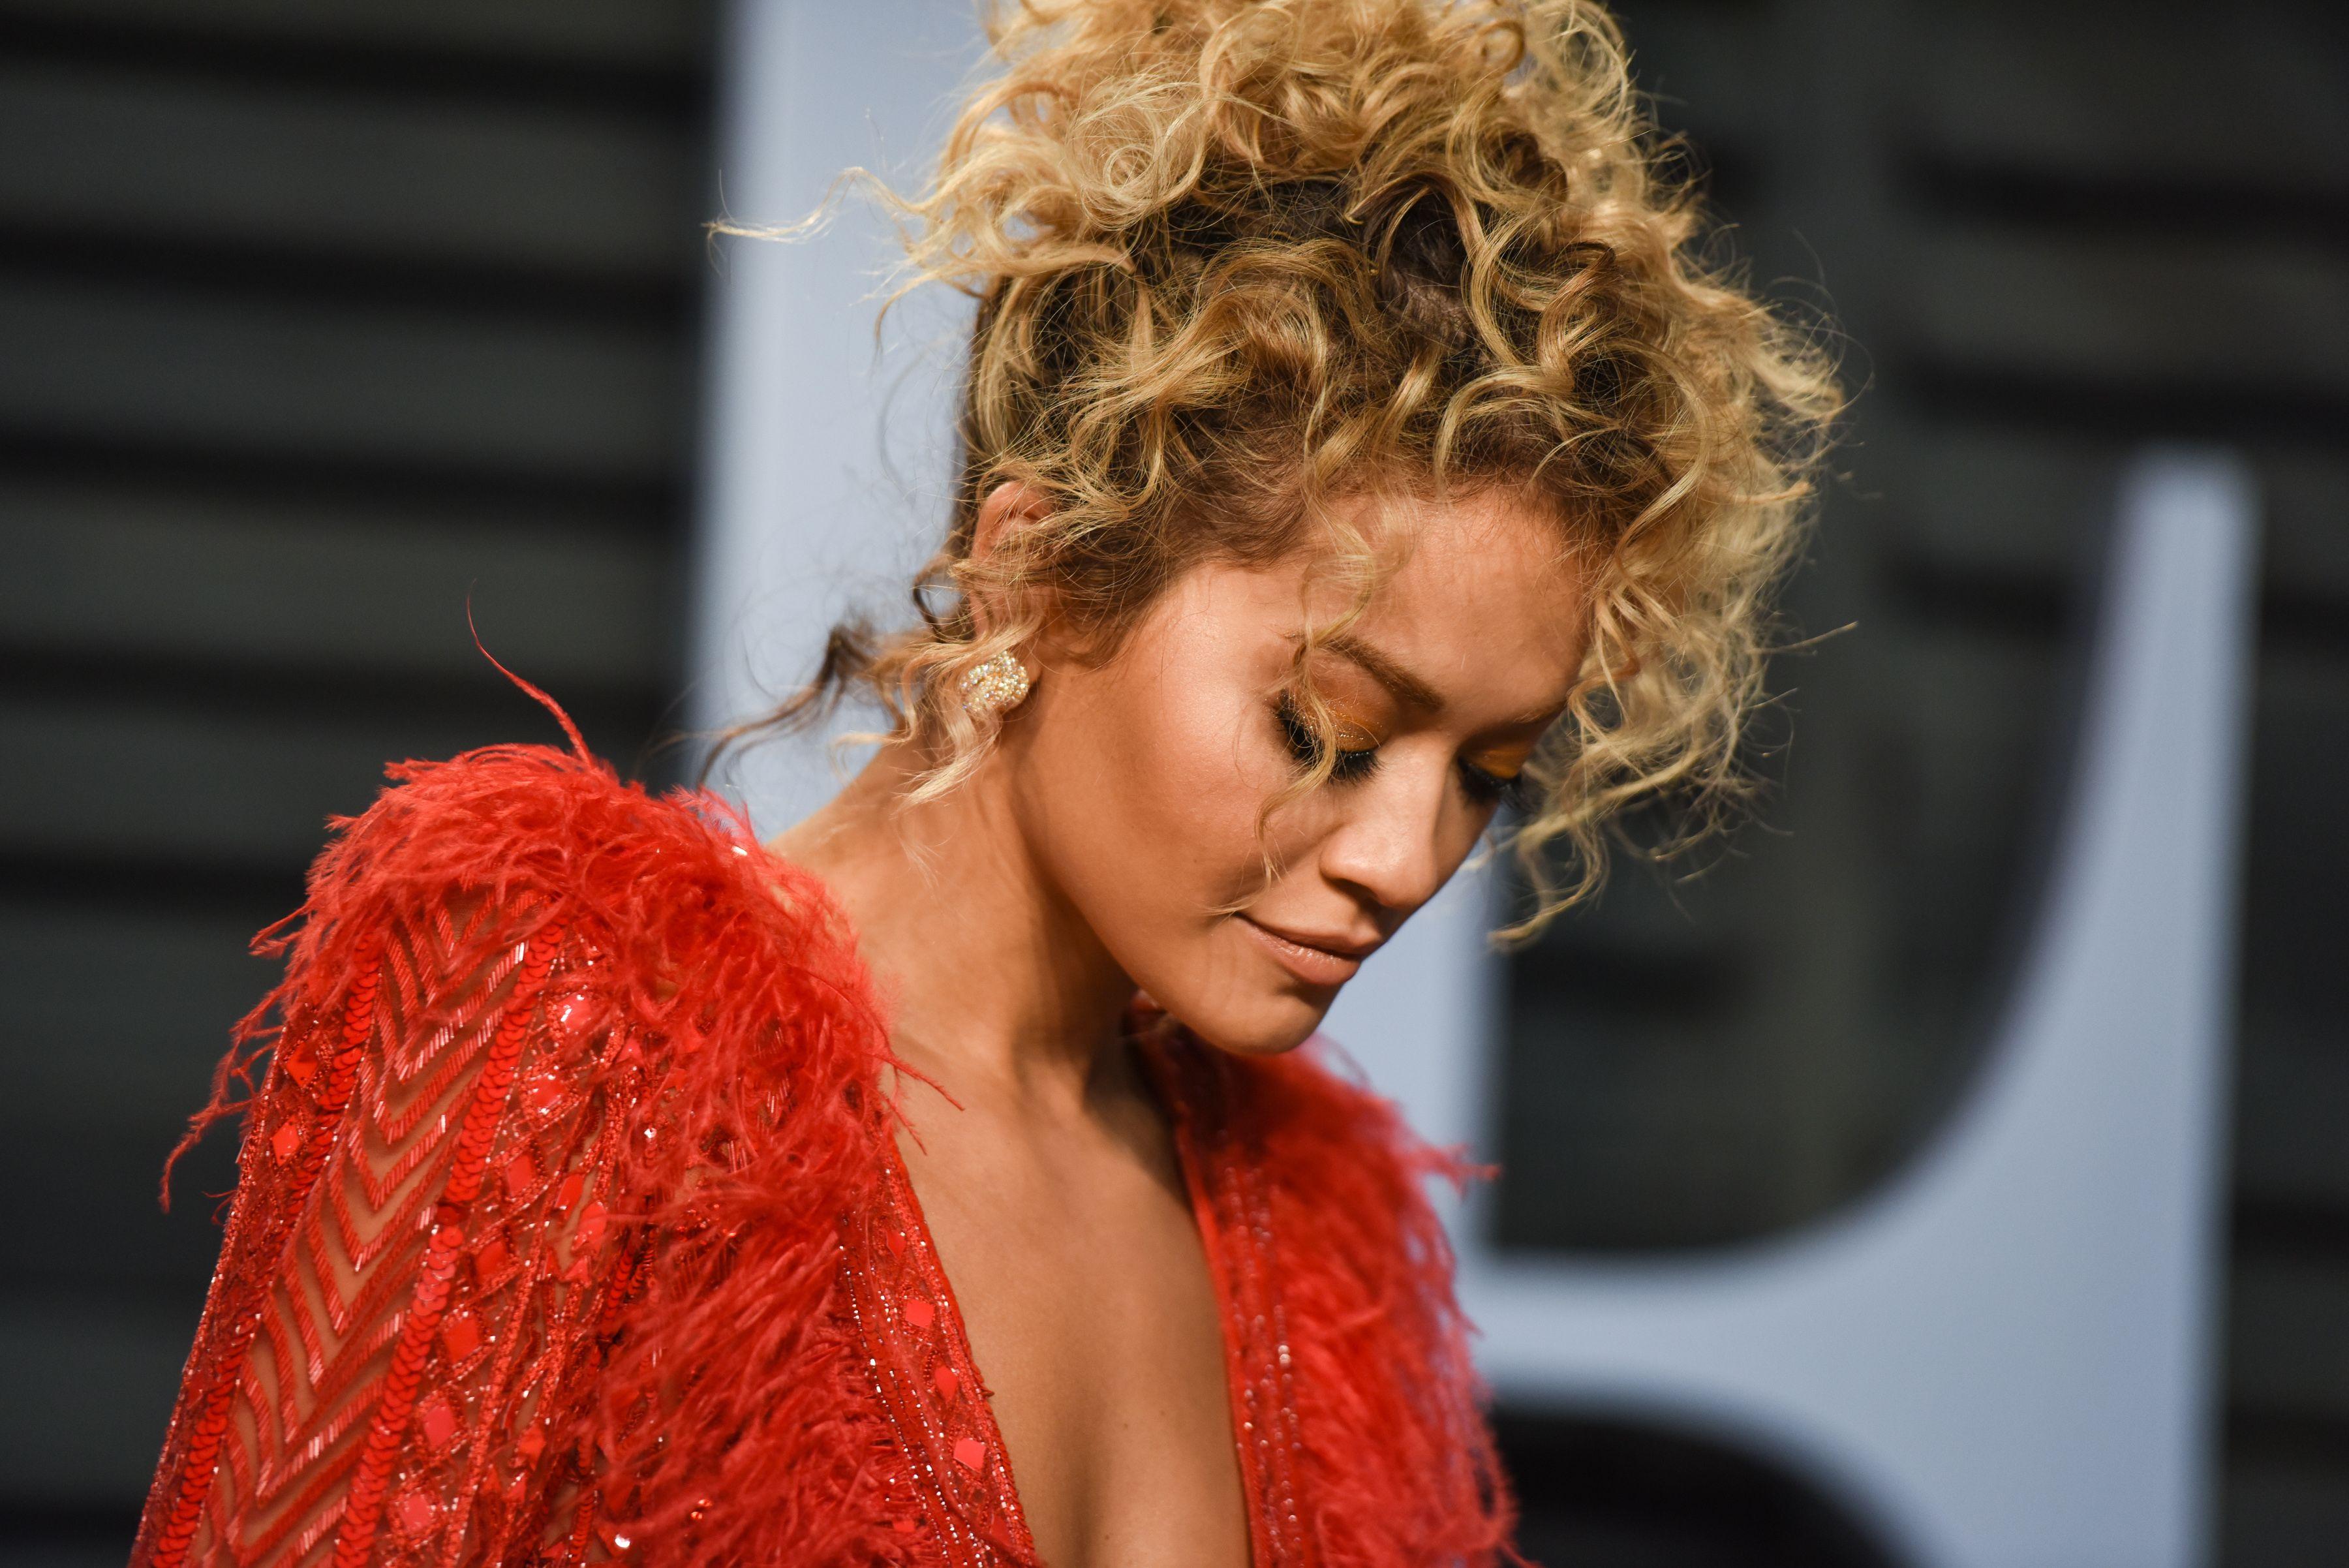 Beyonce con cabello recogido, teñido de rubio, tiene rulos